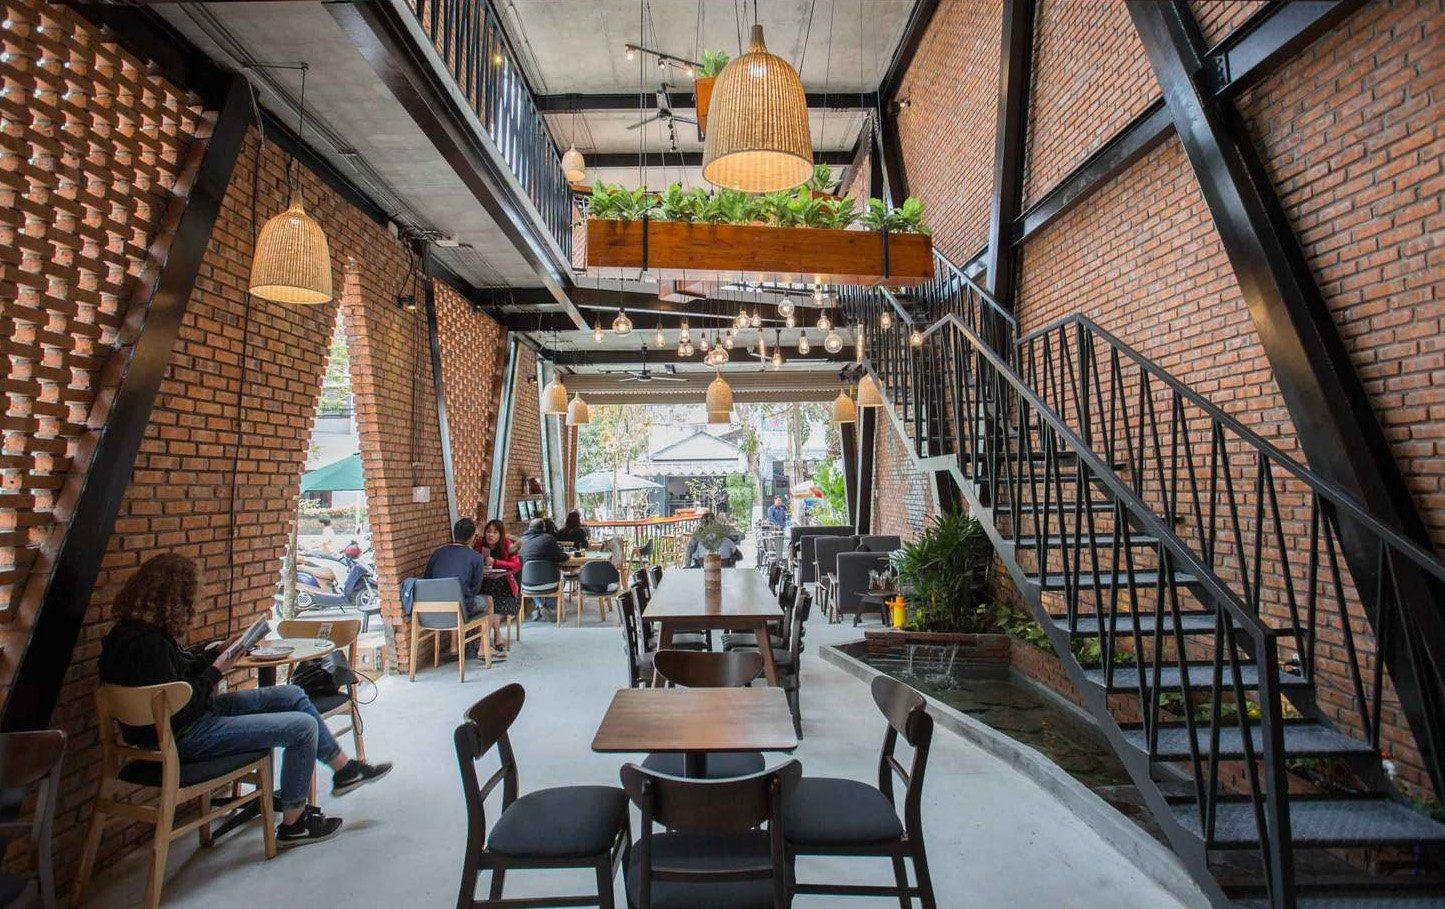 Thiết kế quán cafe không gian rộng với nhiều nét độc đáo khiến khách trầm trồ thích thú